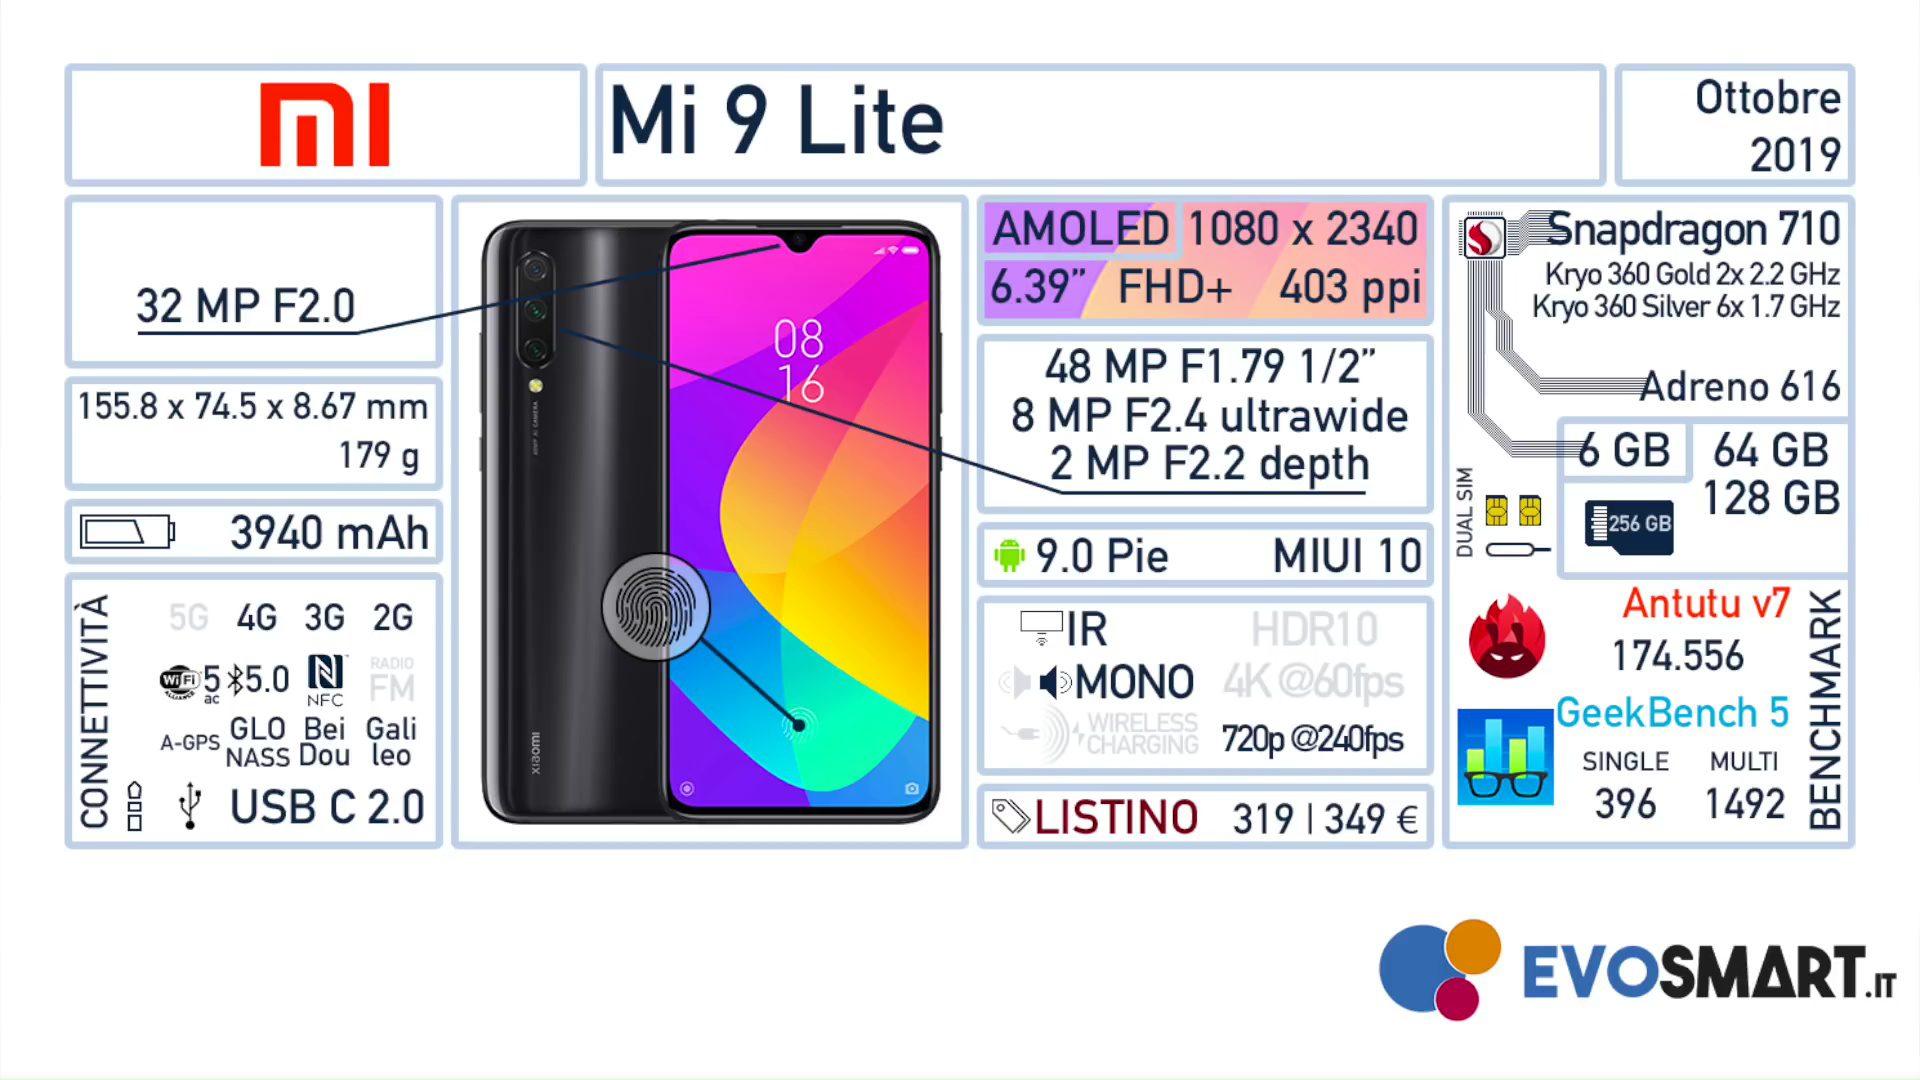 Scheda tecnica Xiaomi Mi 9 Lite